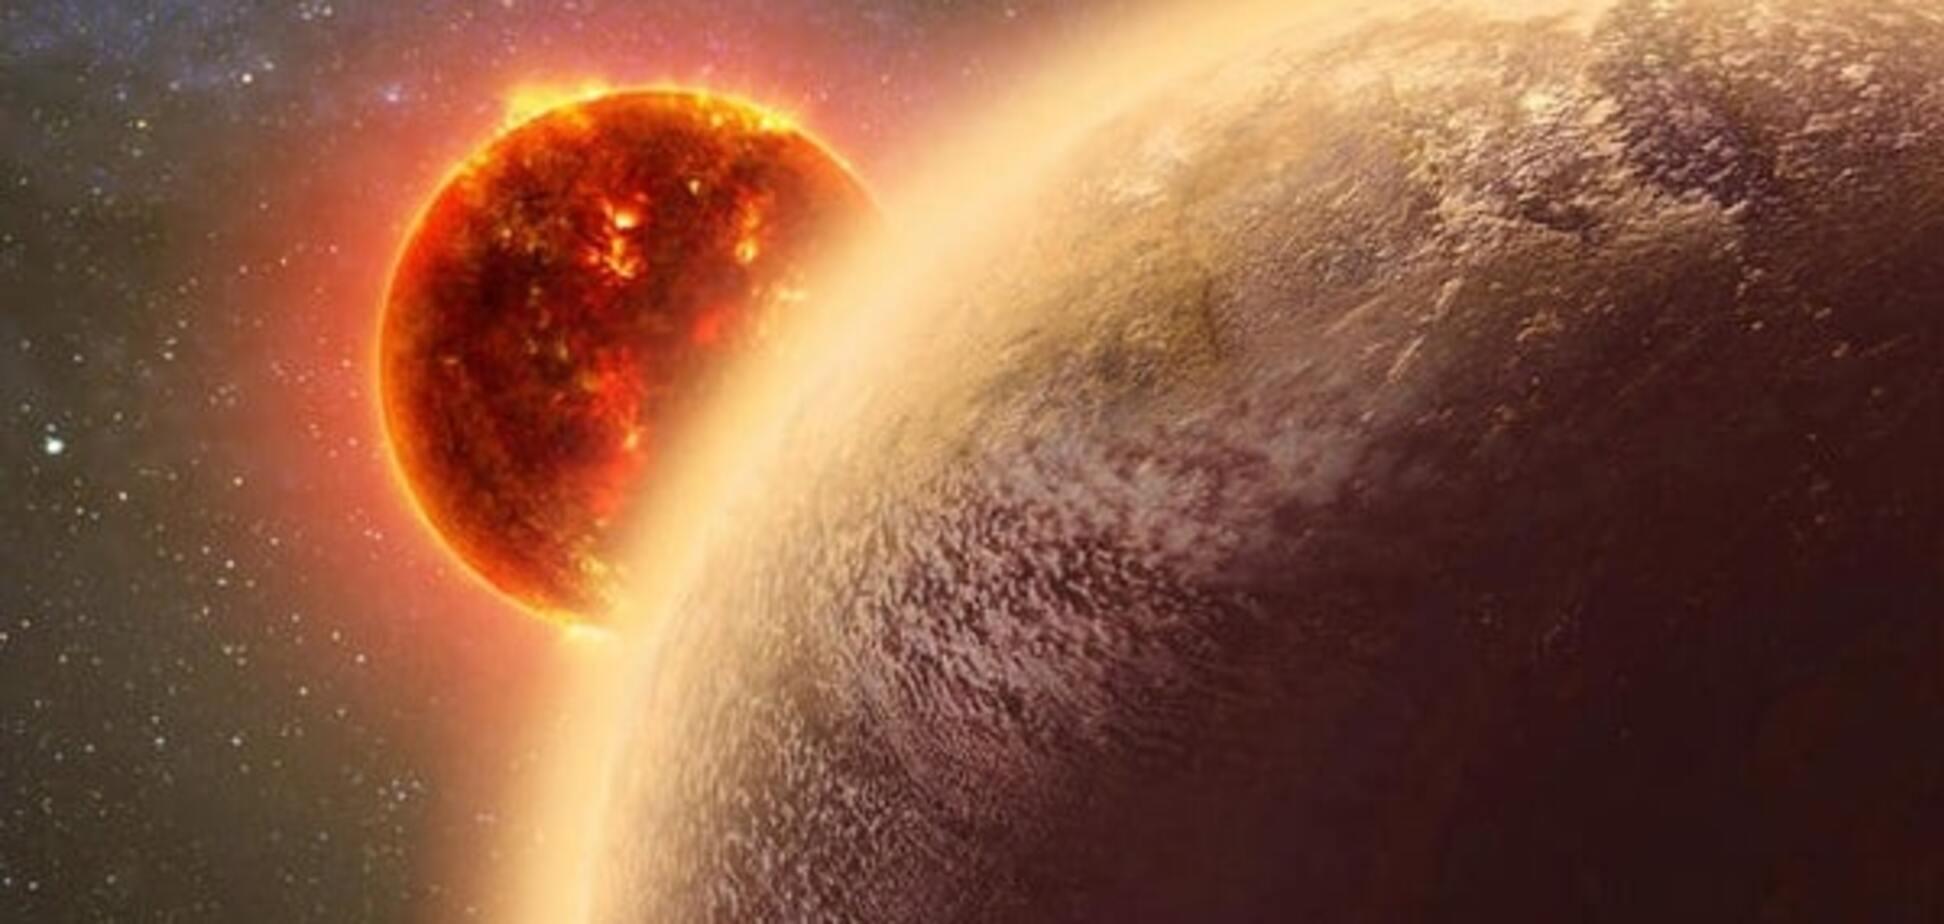 В атмосфере GJ 1132b может существовать кислород. Источник: zn.ua